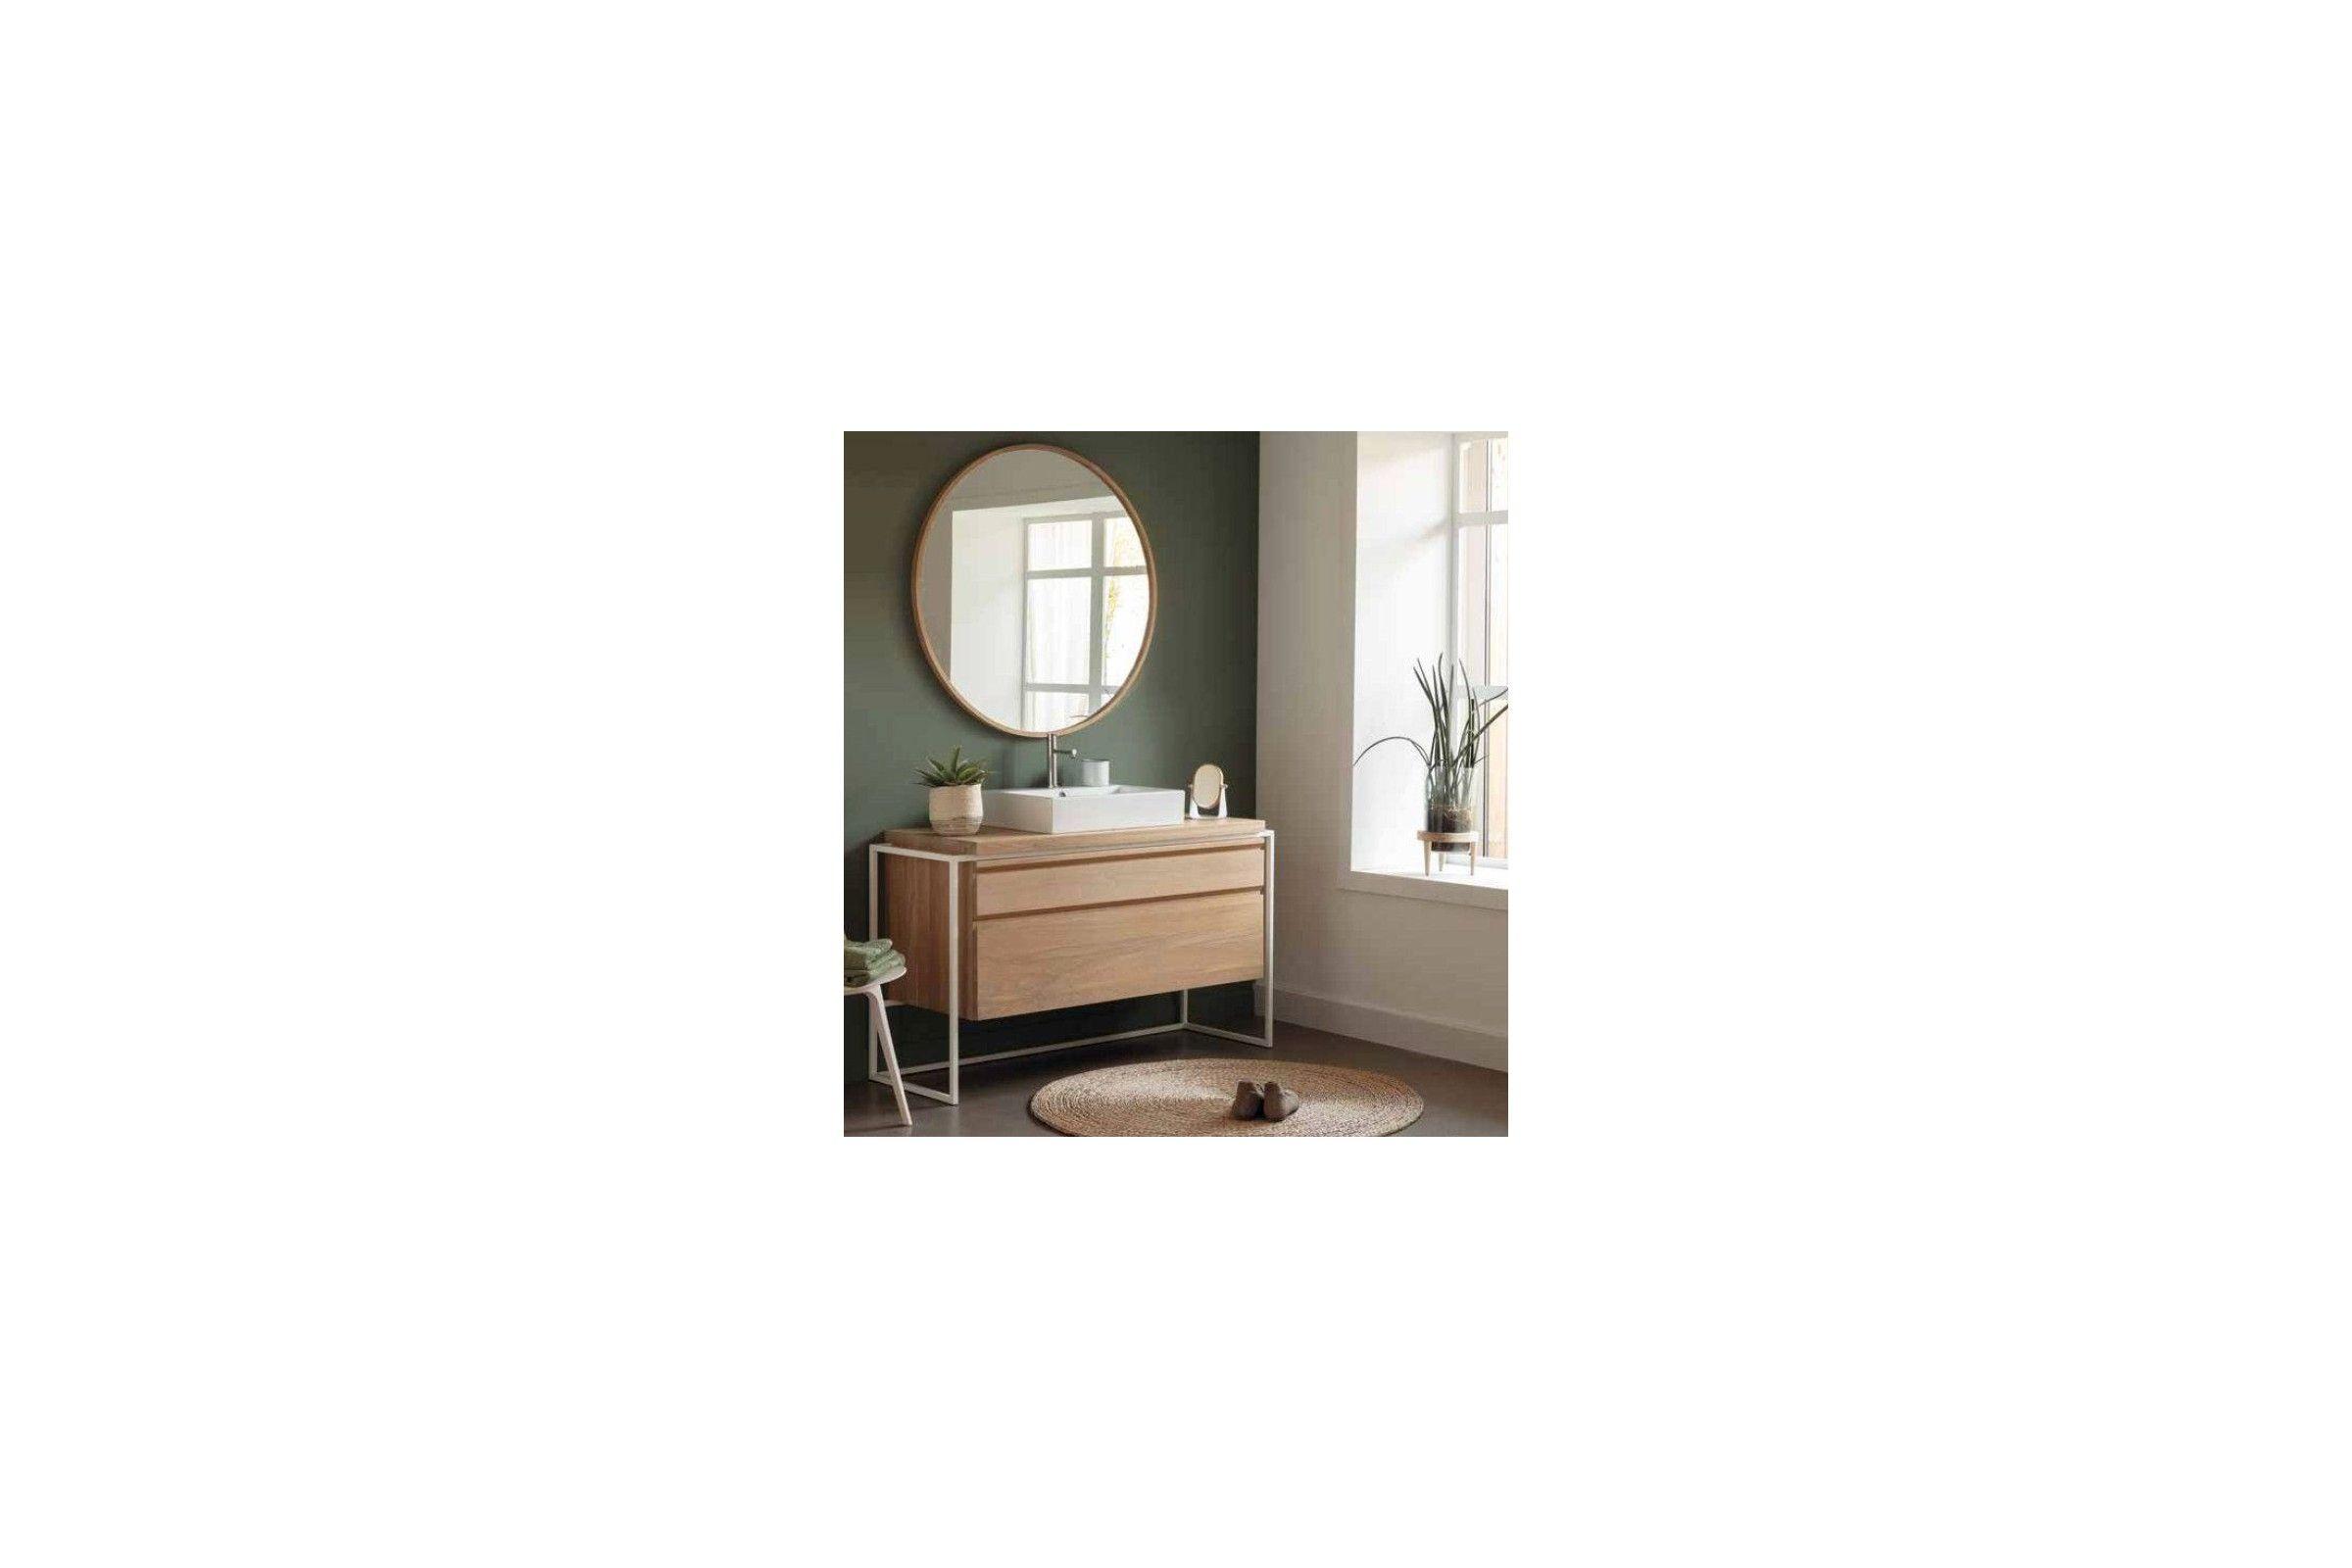 Meuble vasque en ch ne avec tiroir et structure m tallique noire ou blanche - Vasque avec meuble ...